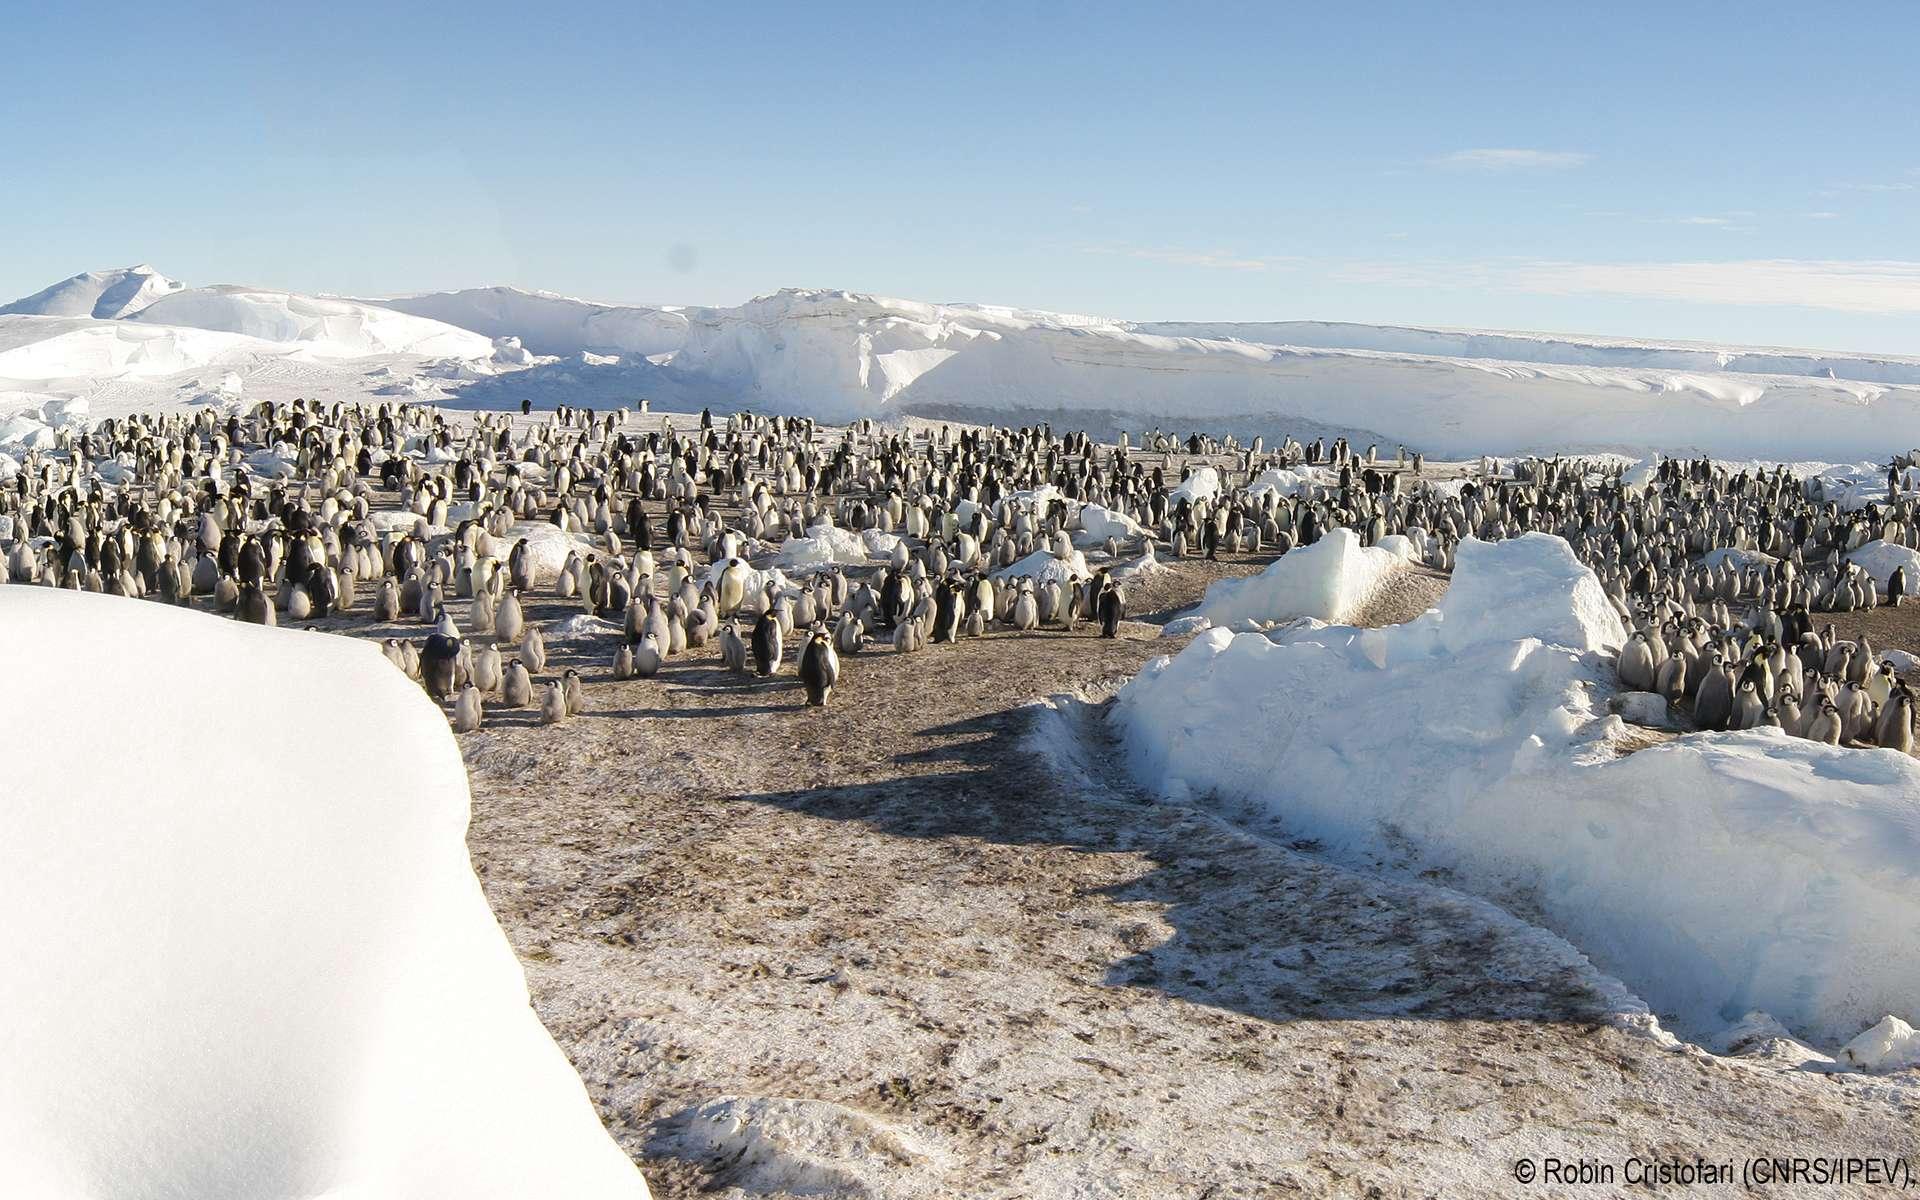 La colonie 1 de manchots empereurs sur la glace de mer a pu être observée grâce à d'importants moyens qui ont permis de naviguer dans ces glaces. © Robin Cristofari/CNRS-Ipev